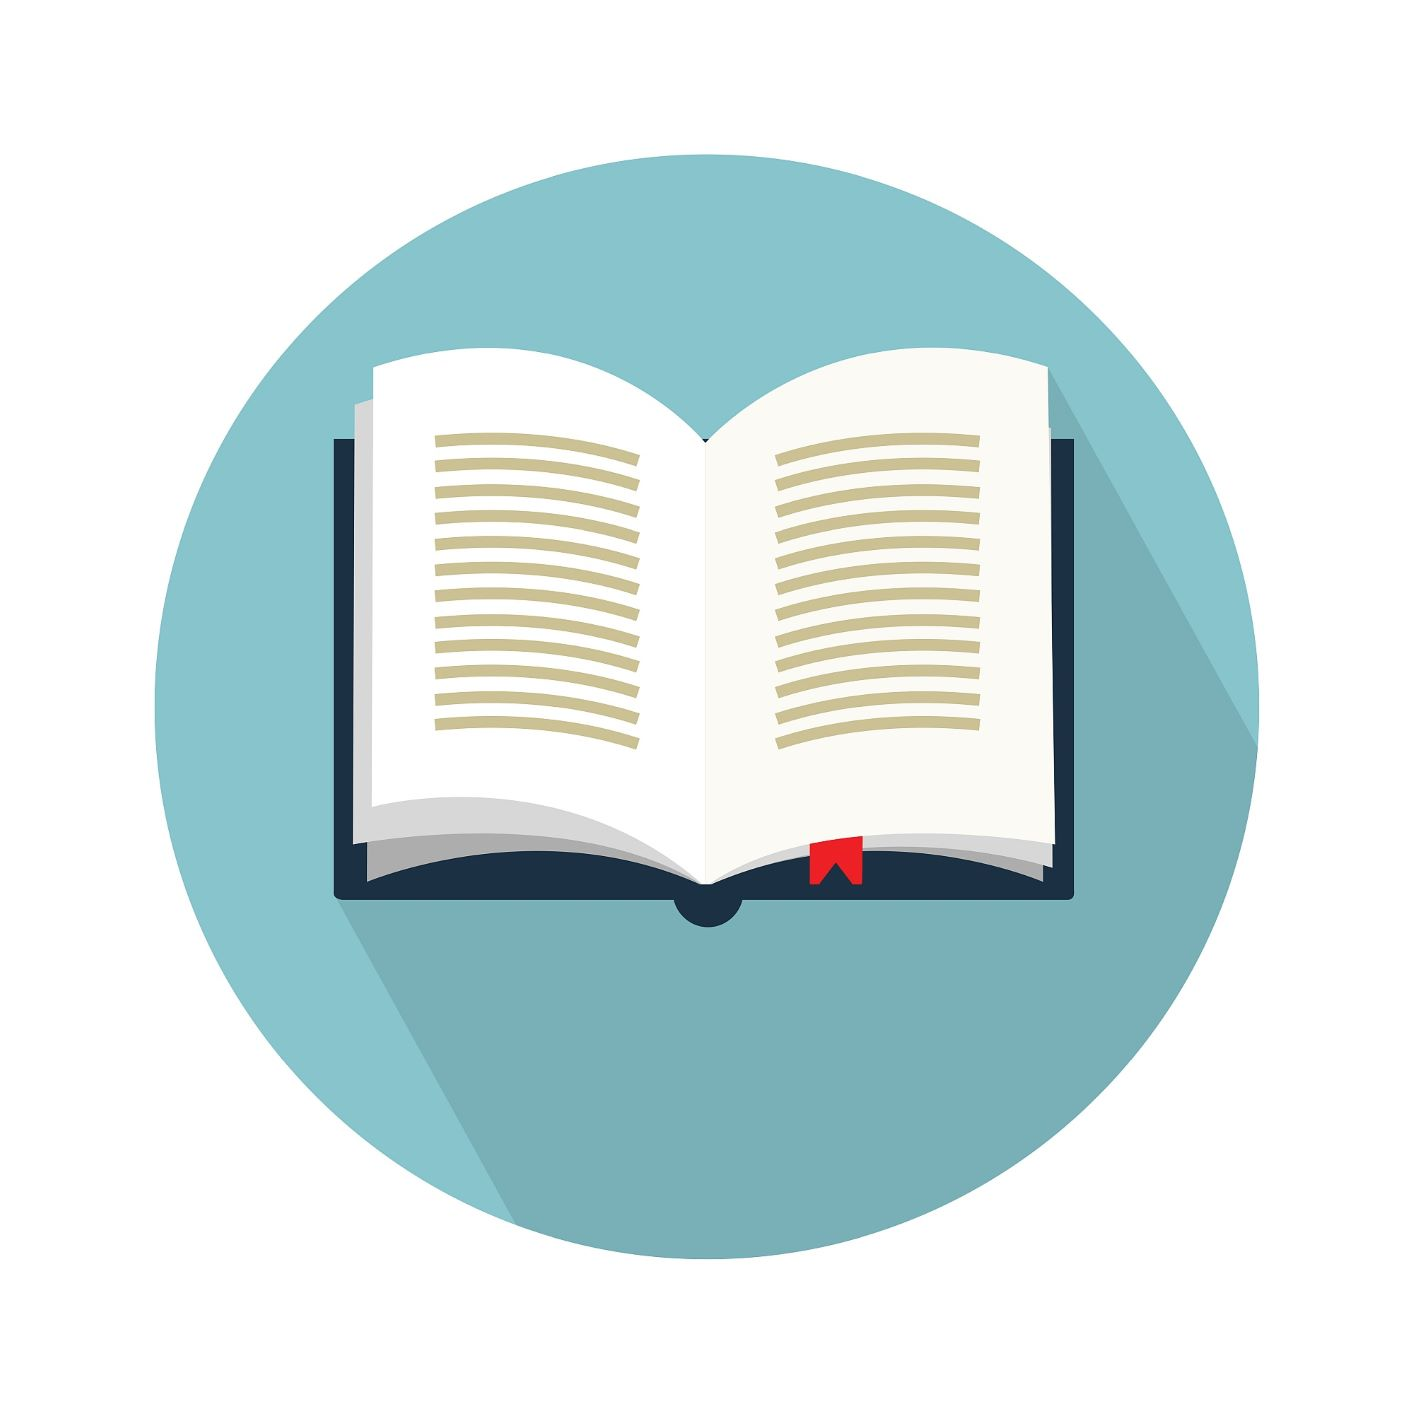 Chcę się uczyć